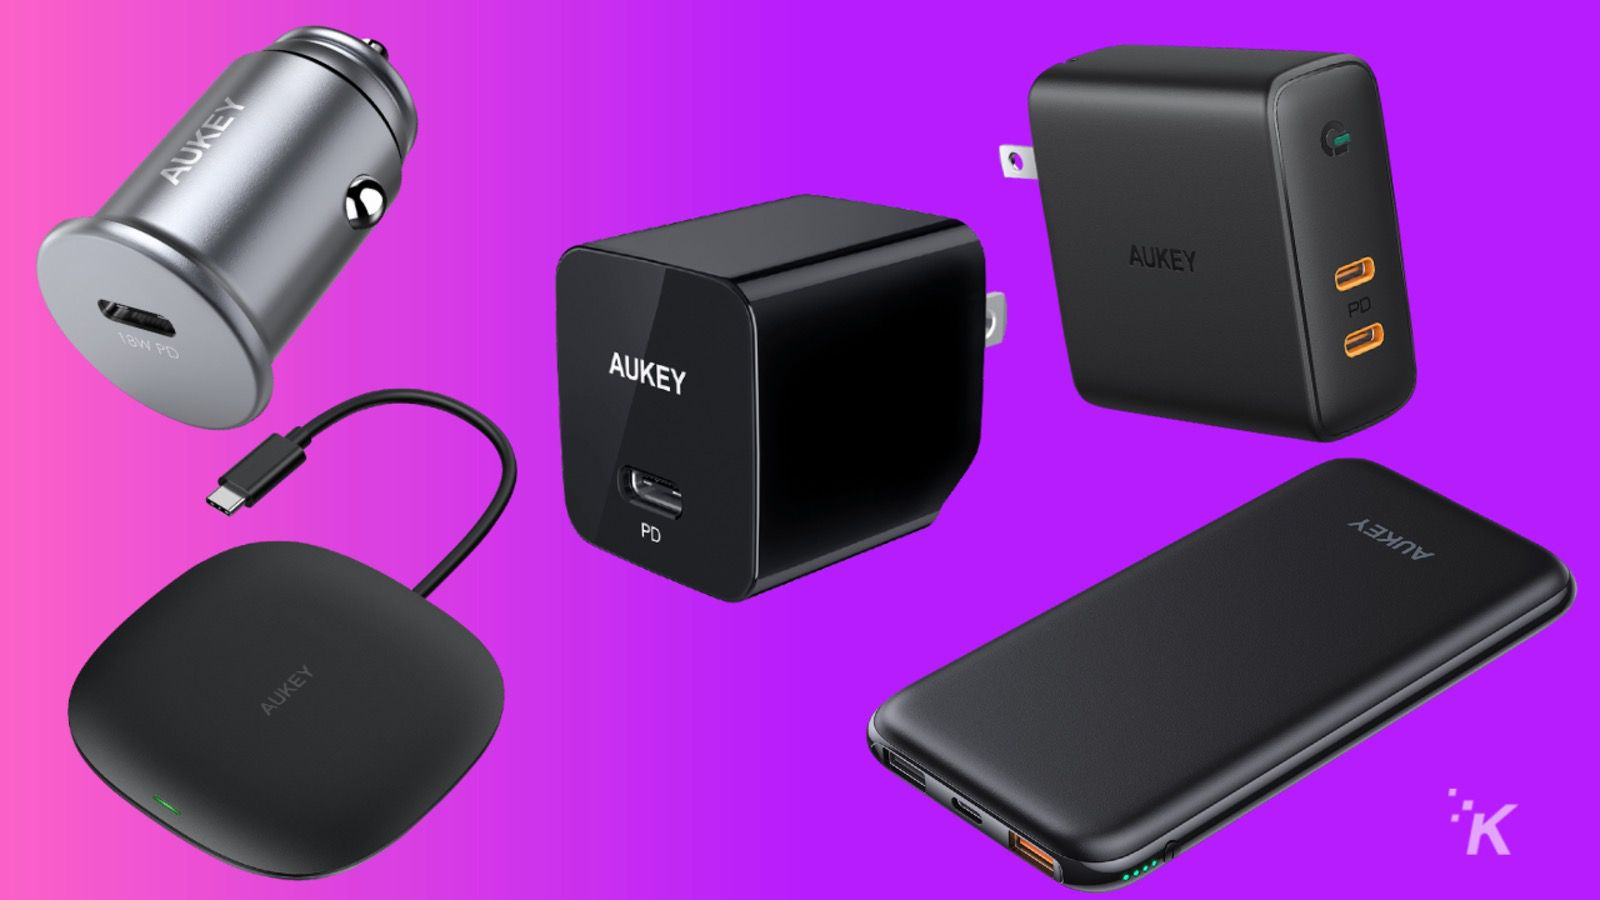 aukey omni power charging